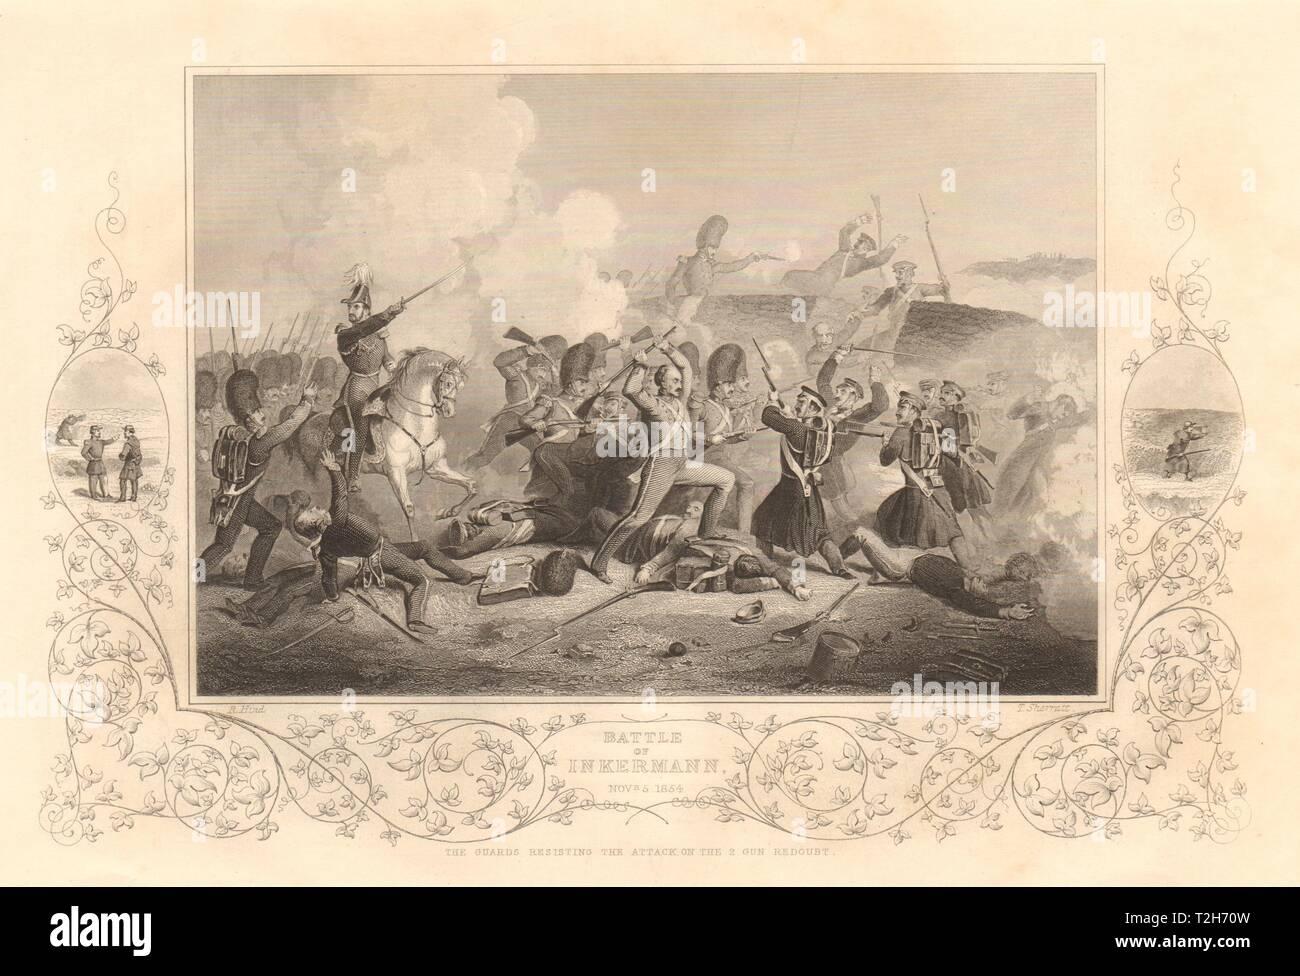 CRIMEAN WAR. The Battle of Inkerman. Nov 5th 1854. 1860 old antique print - Stock Image